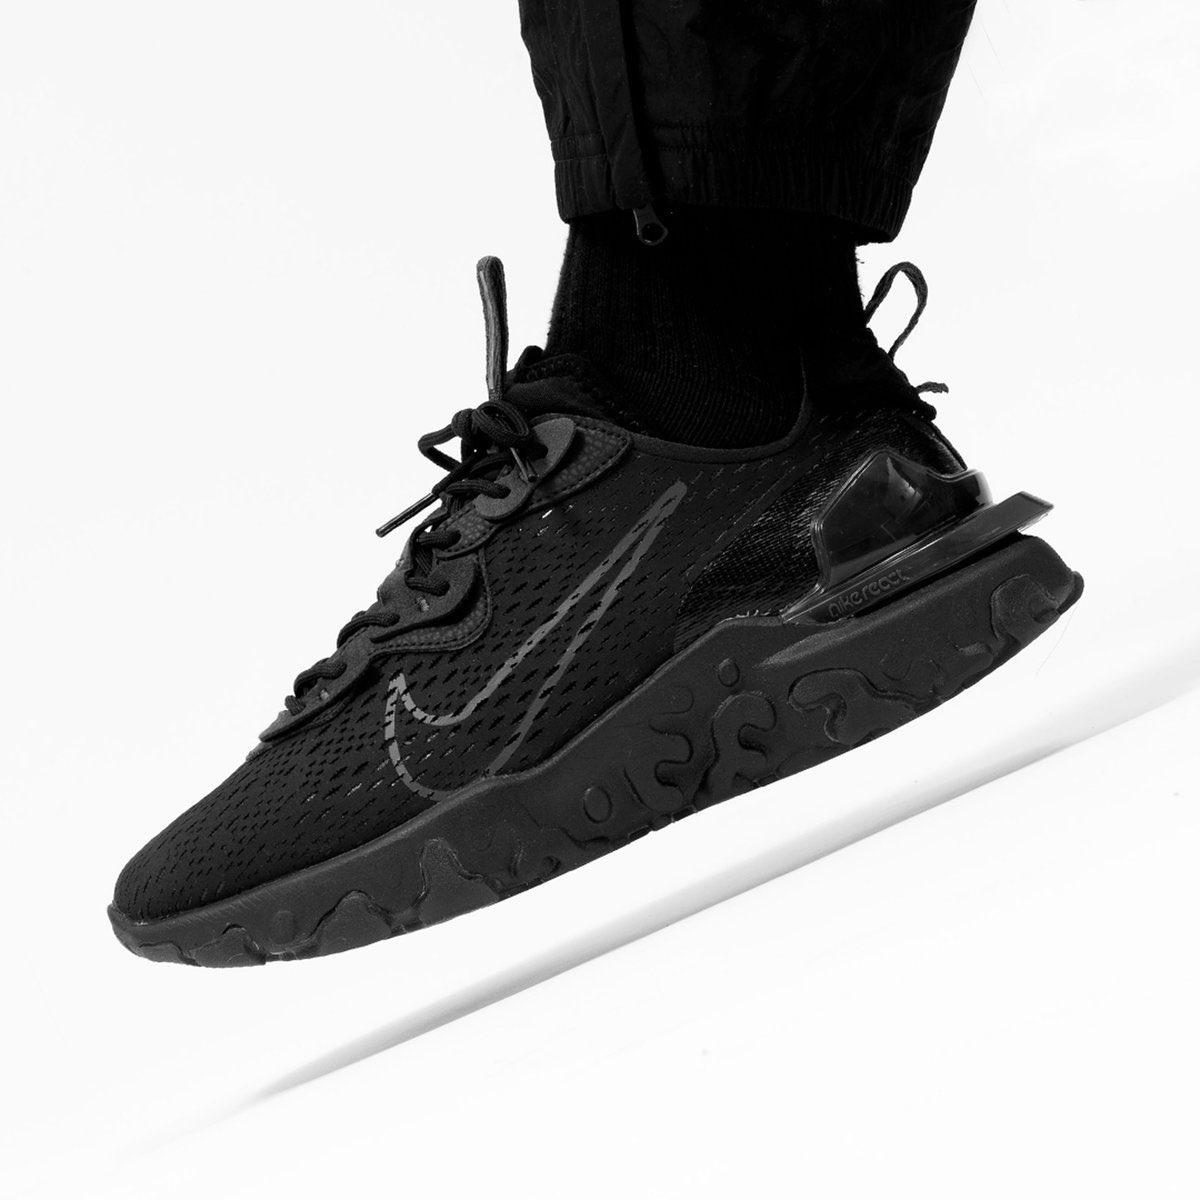 Sneaker Deals GB (@SneakerDealsGB